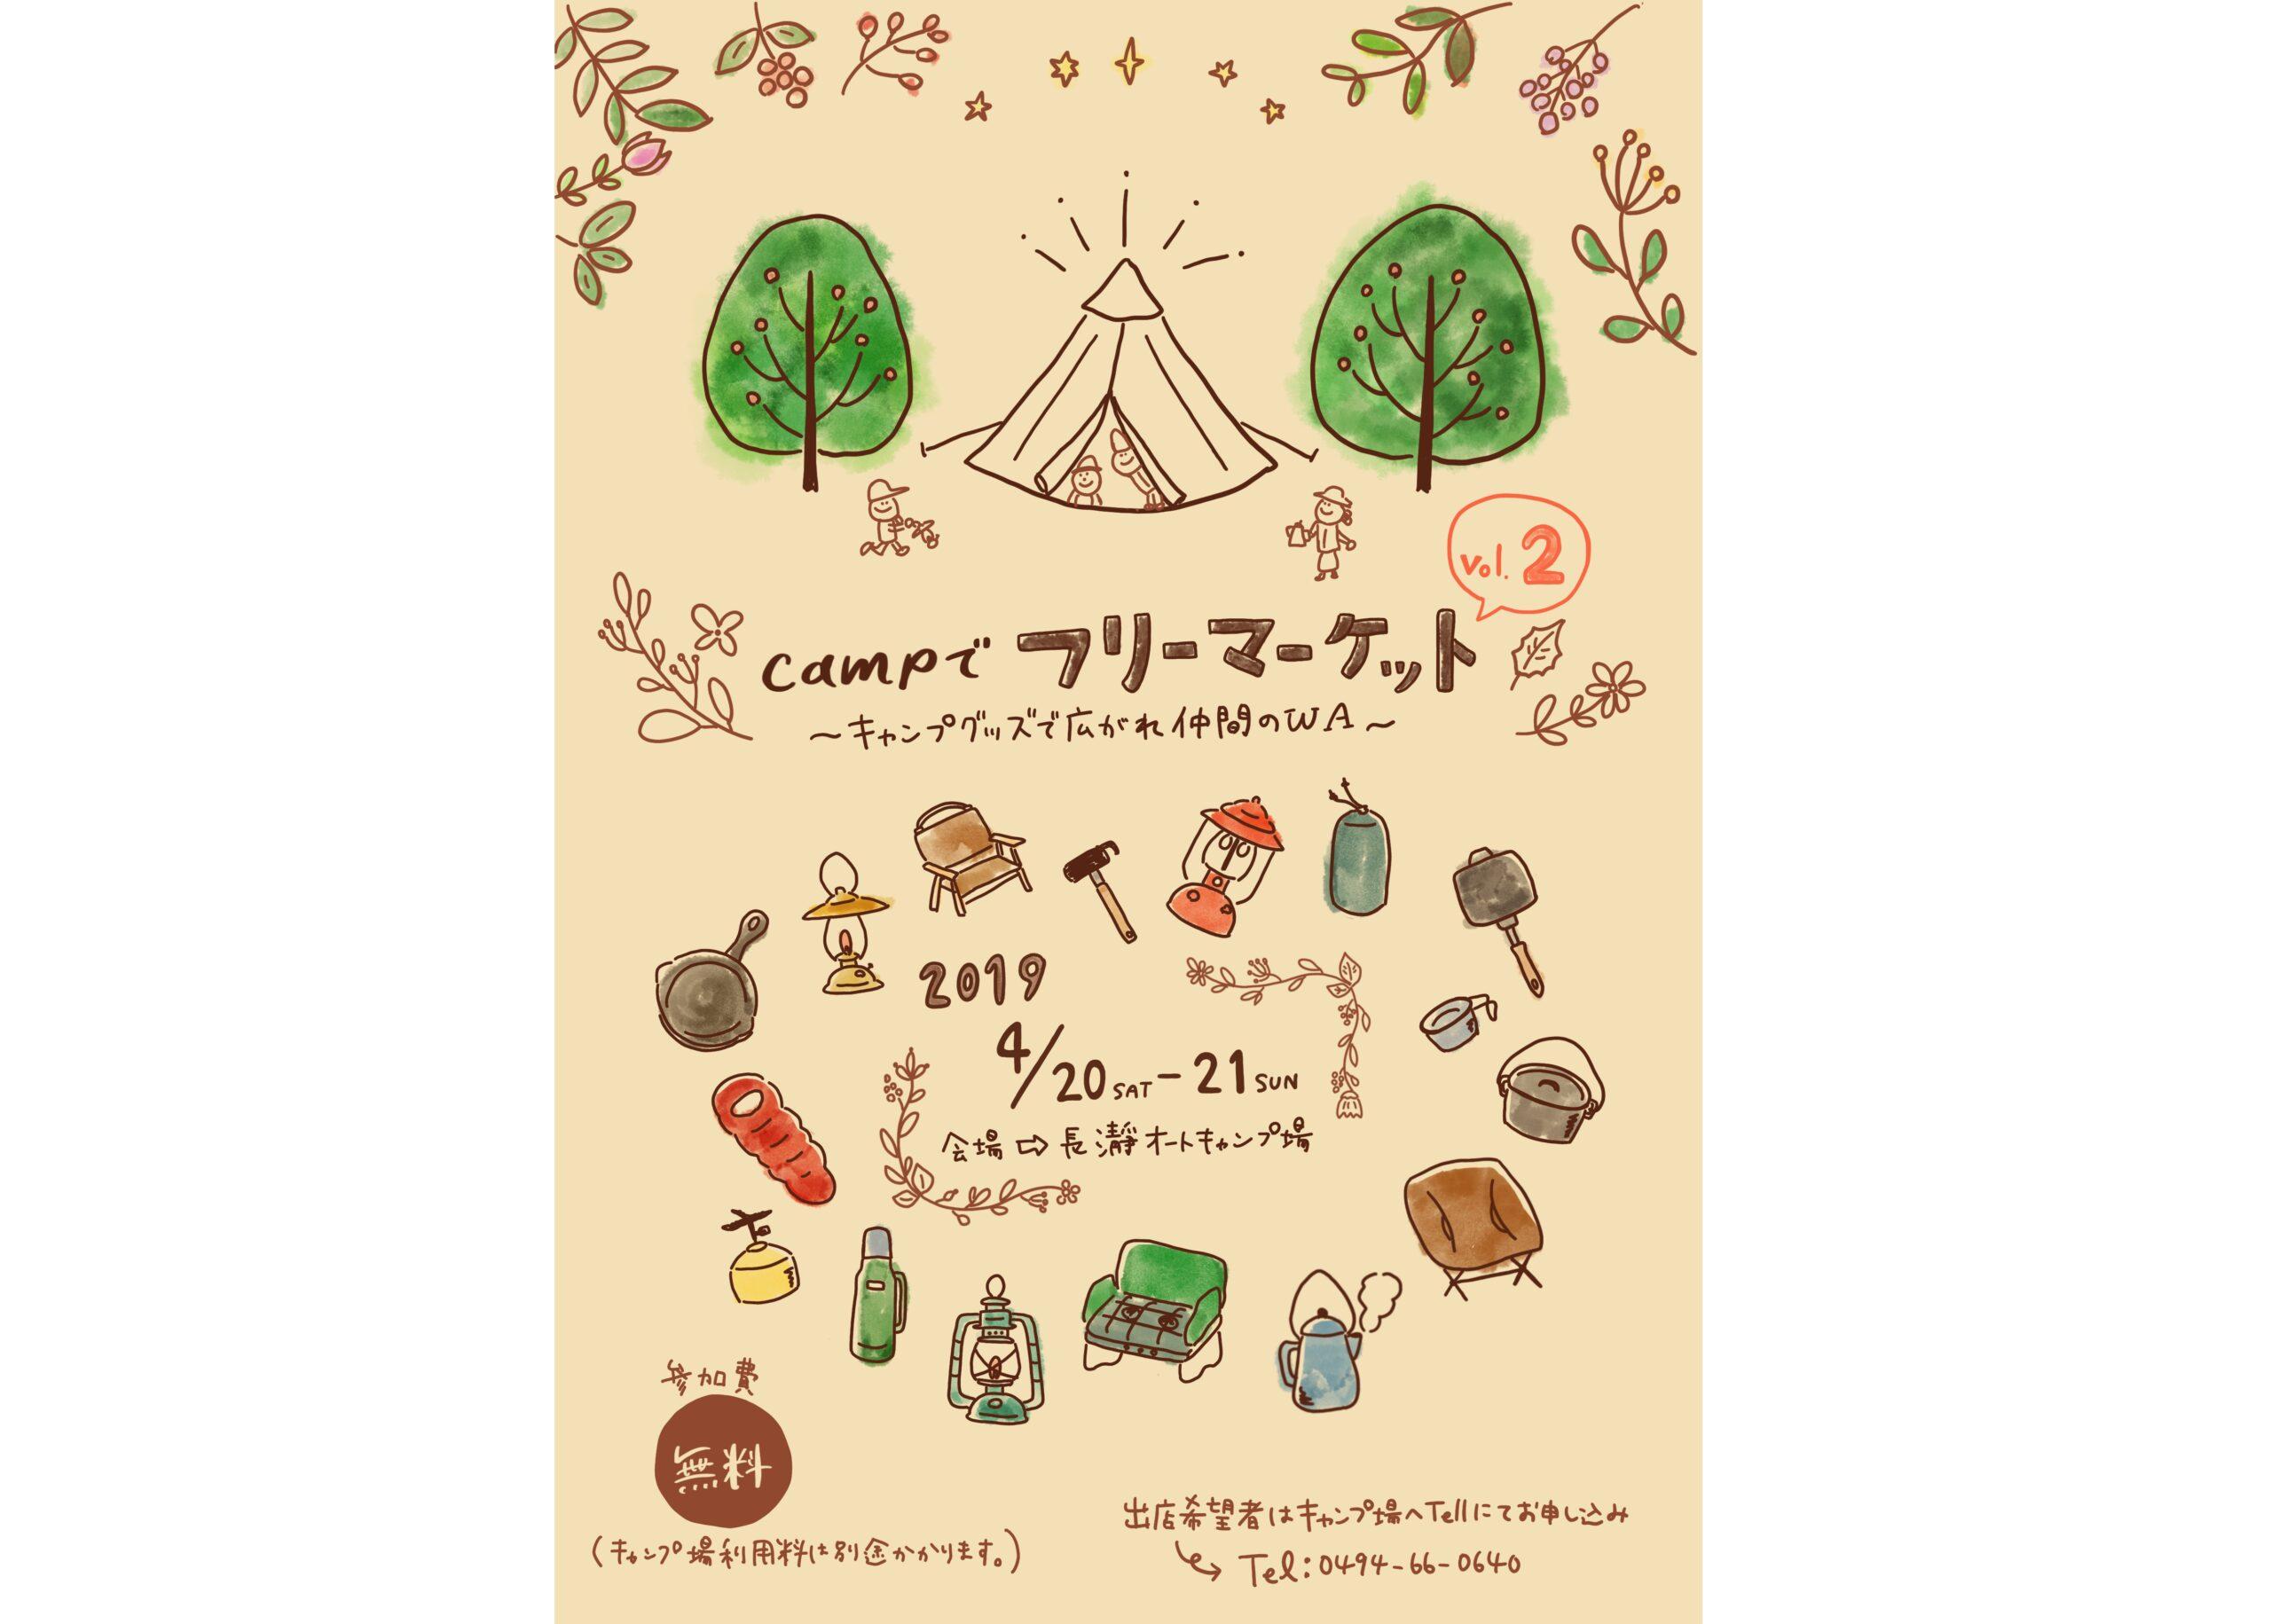 長瀞オートキャンプ場『フリマキャンプ Vol.2』 告知用イラストレーション